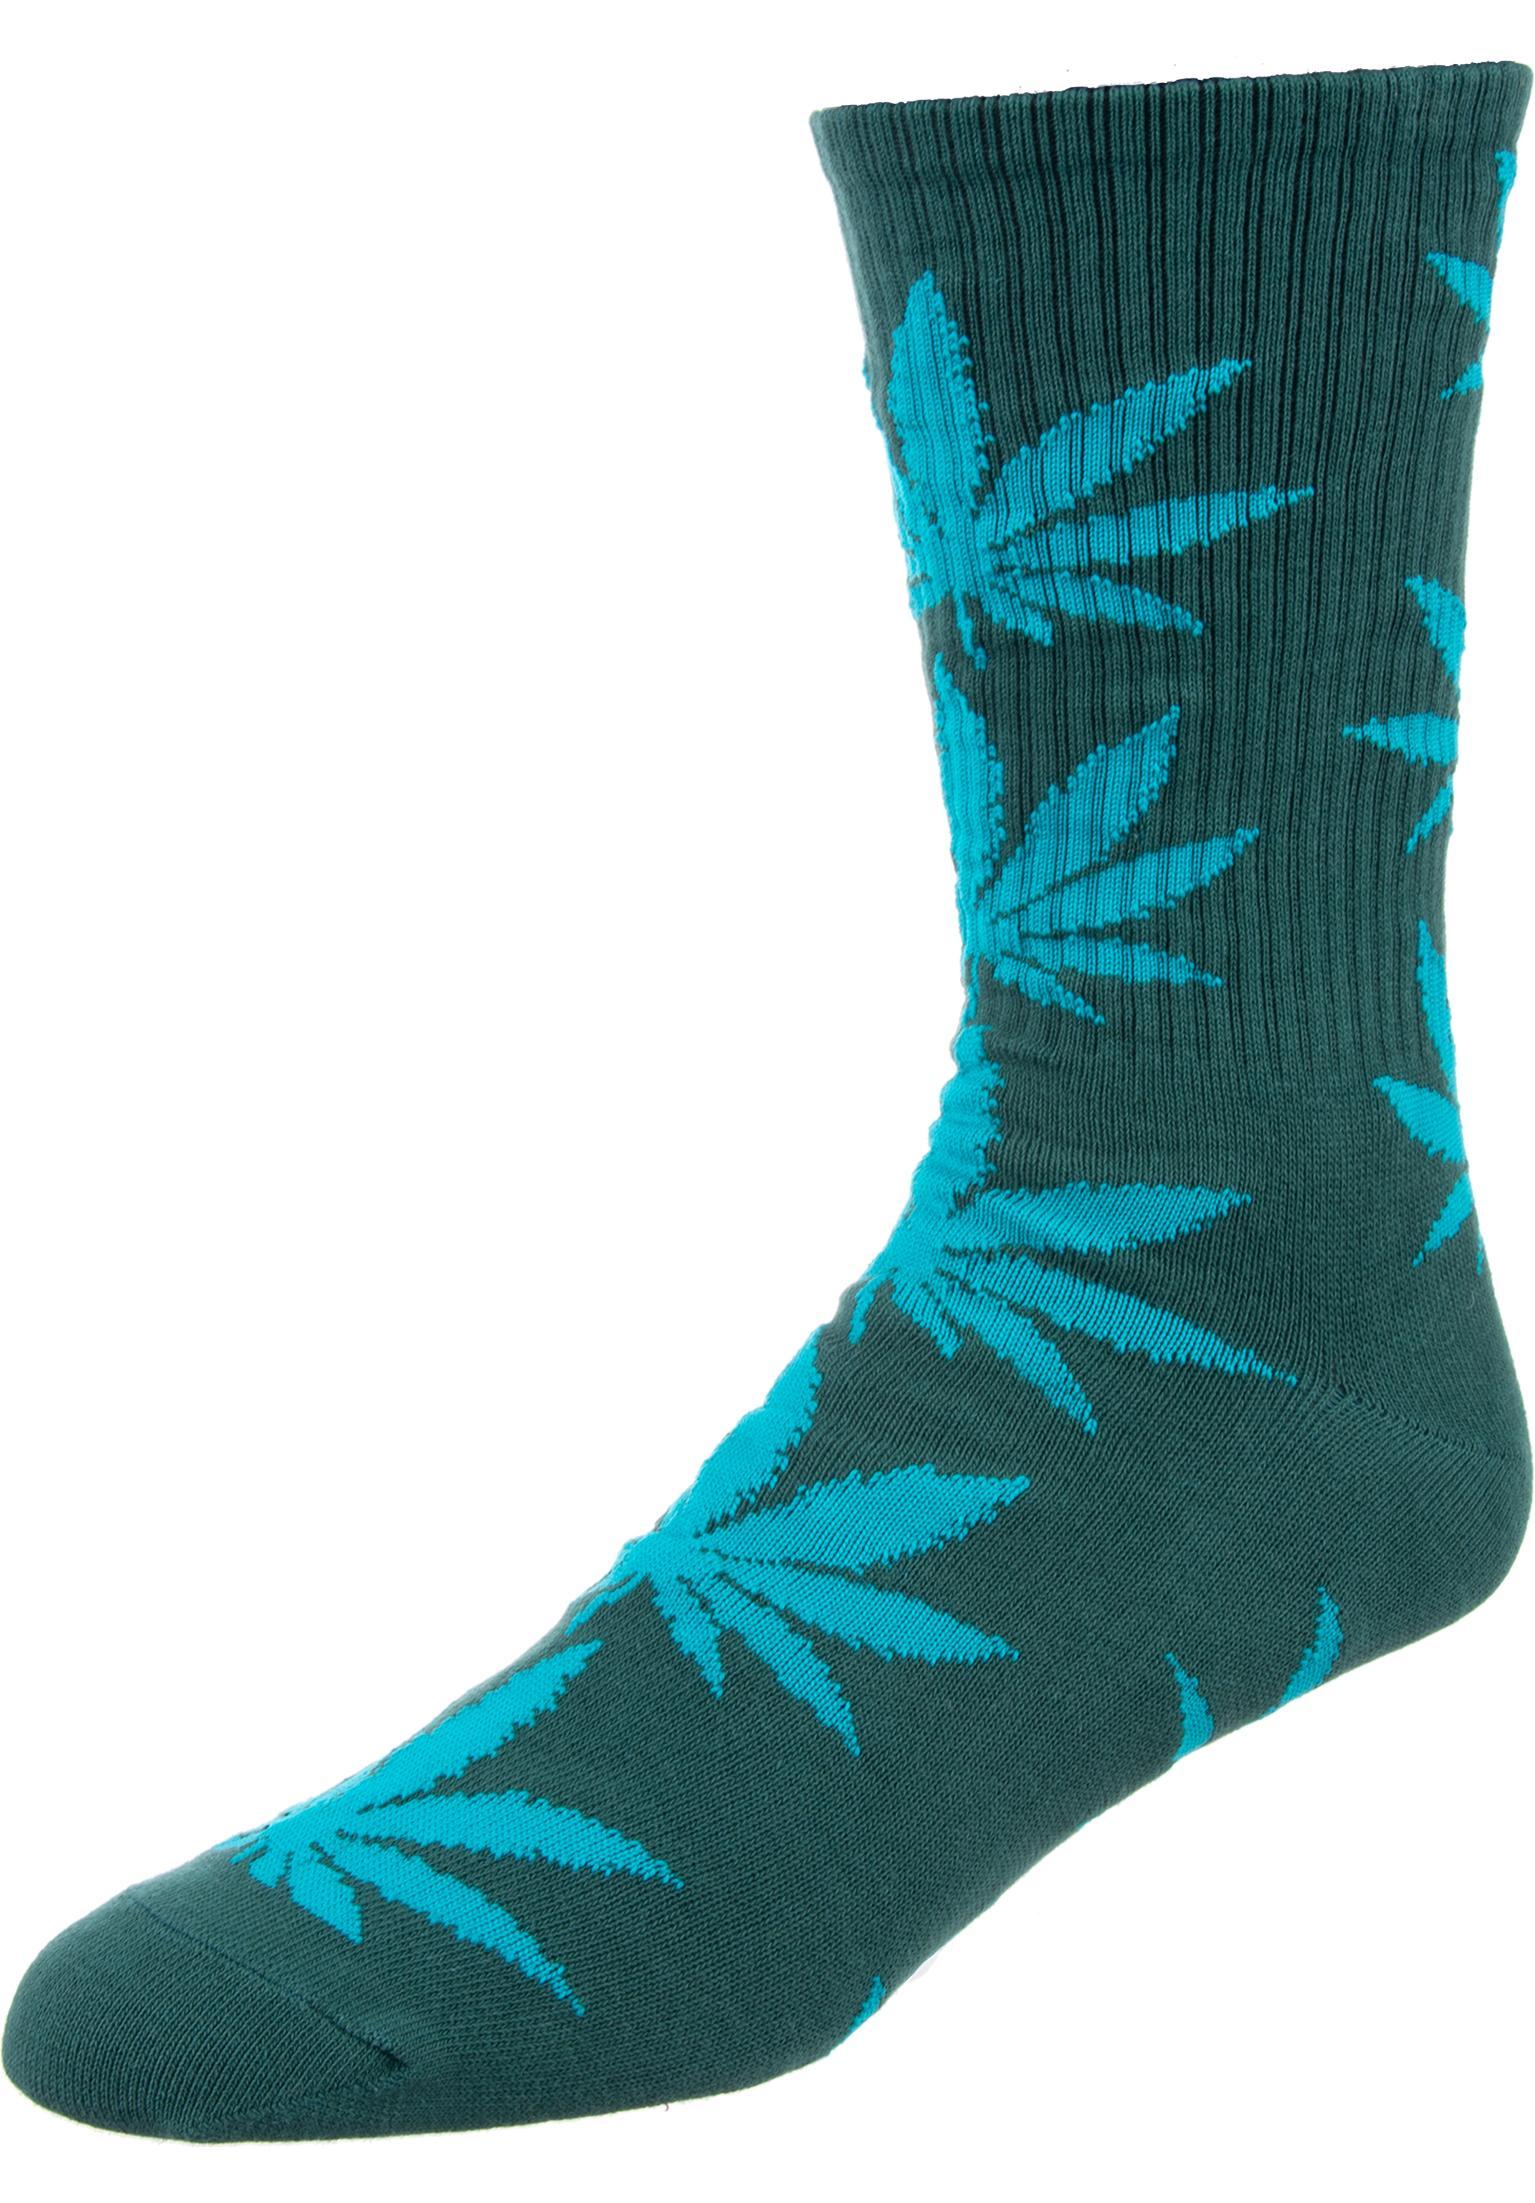 0f17a501072 Plantlife Crew Sock HUF Socks in jade for Men